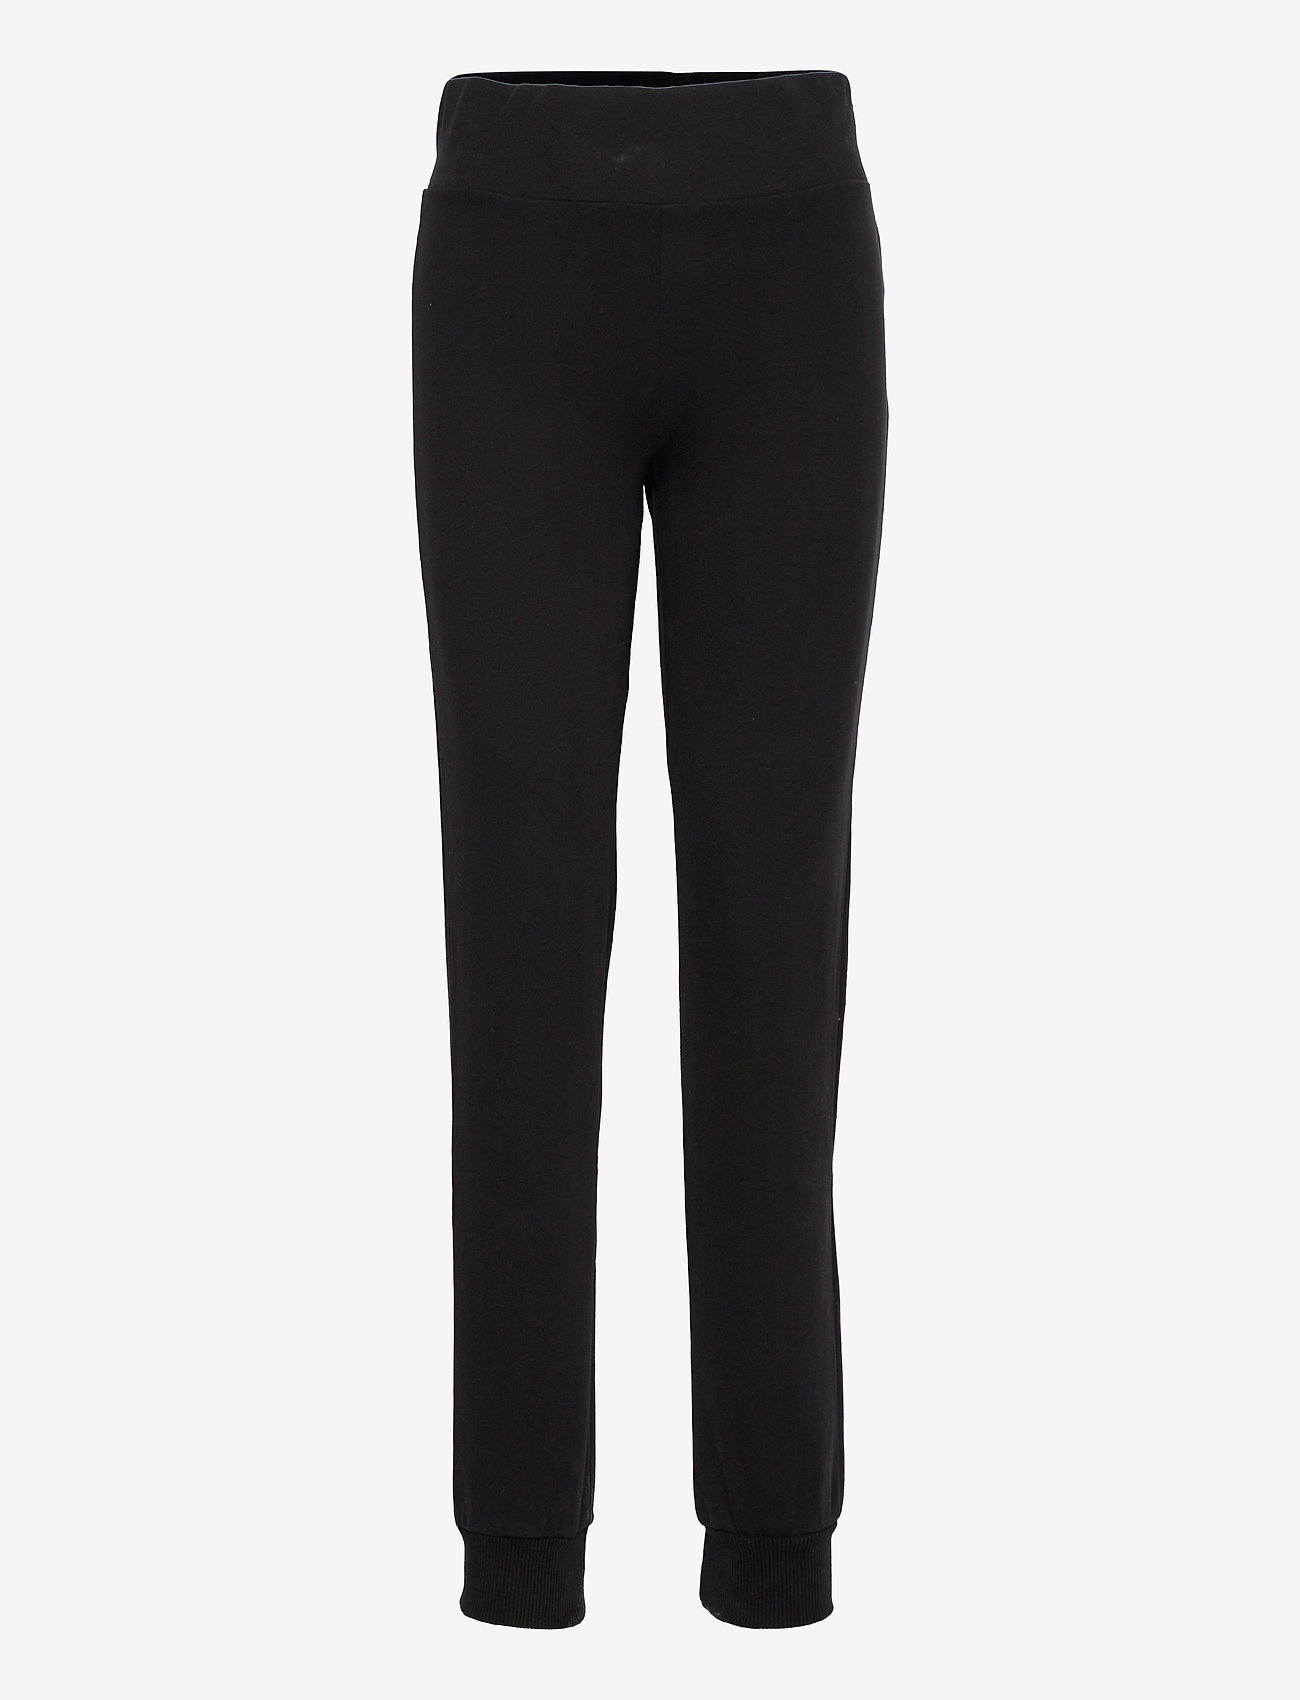 ella&il - Bibbi pants - vêtements - black - 0